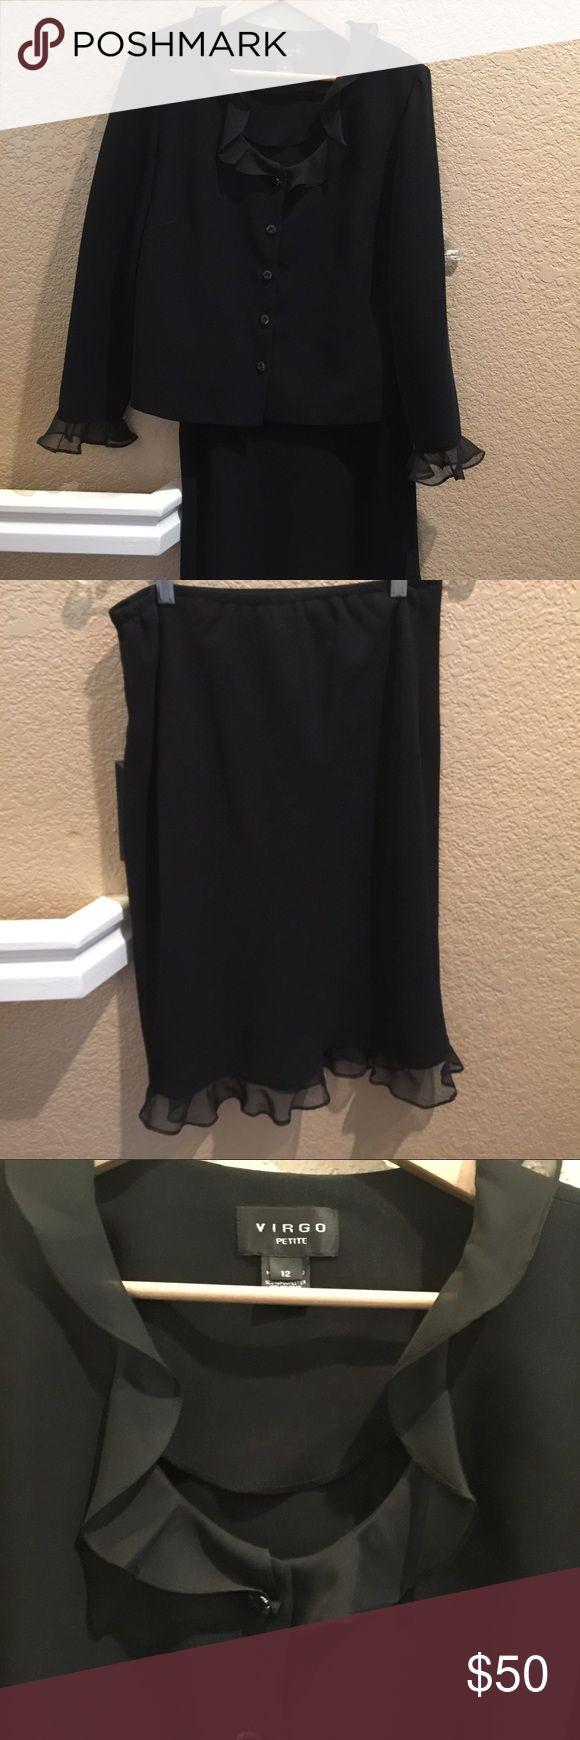 Black Ruffle Suit with Ruffle Skirt Vergo black Ruffle suit with skirt size 12. NWOT vergo Other